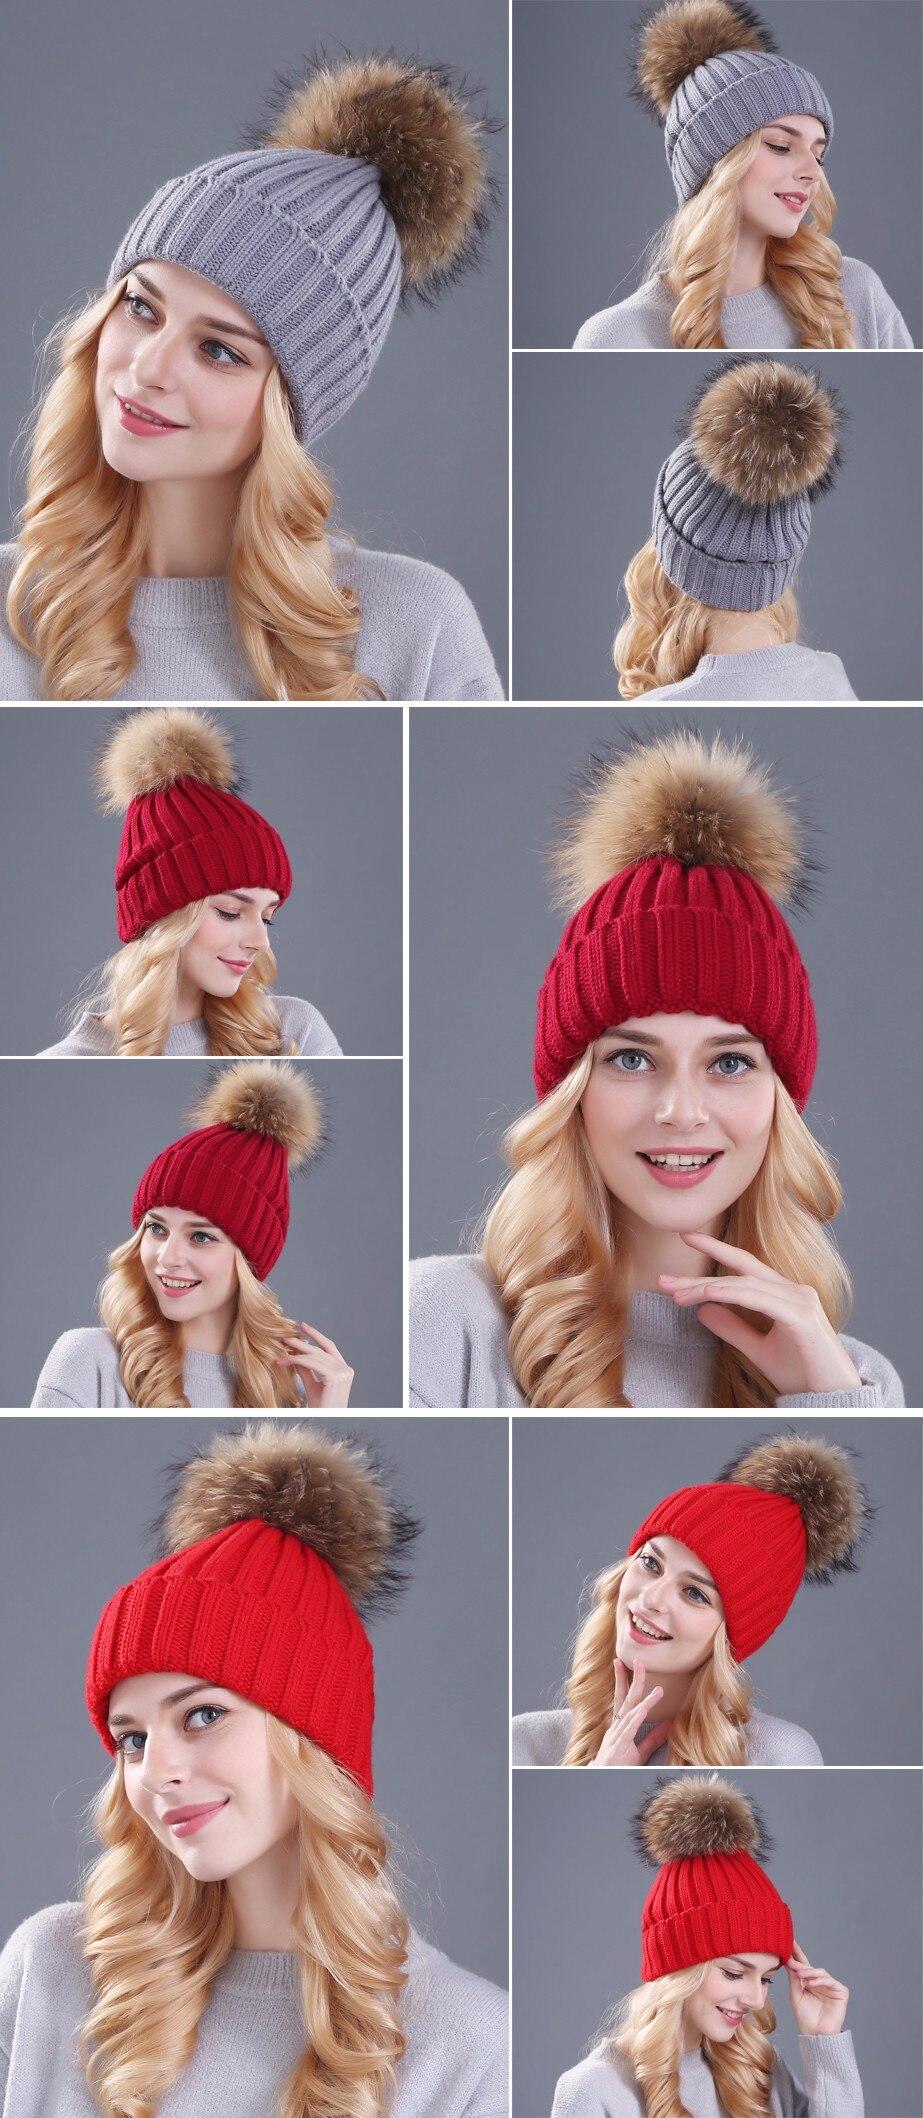 قبعات صوفية  بالوان مختلفة 8